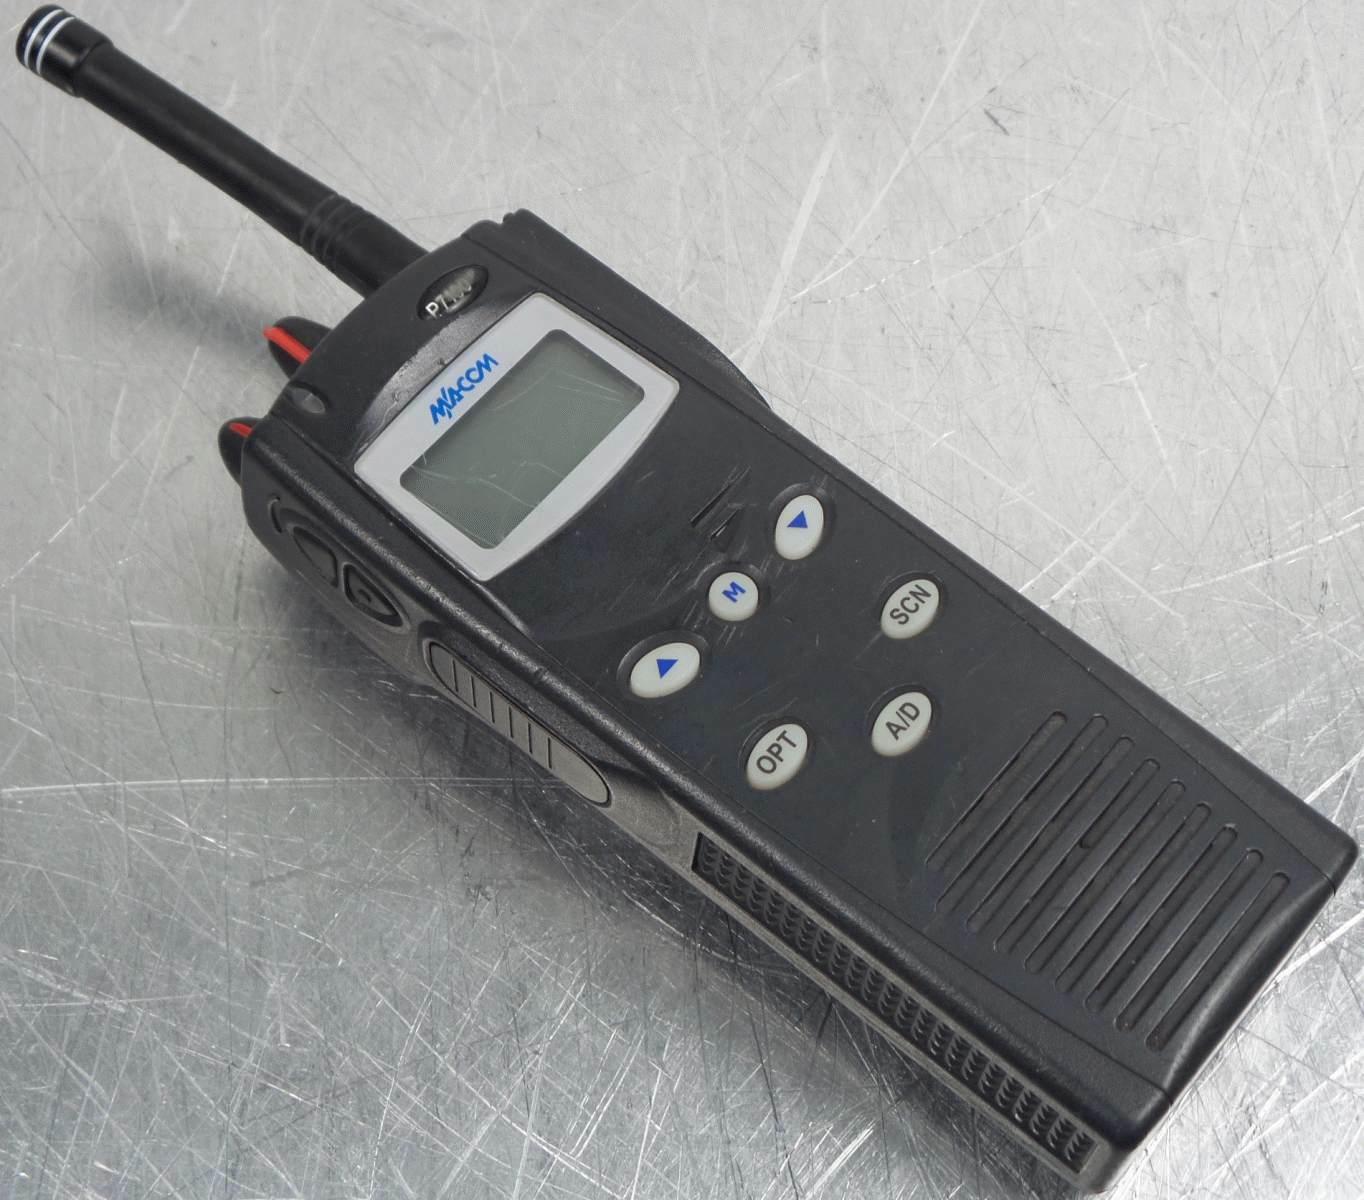 Ma-com Harris P7100 ip 2 way radio MACOMFCC ID: OWDTR-0016-E - no battery